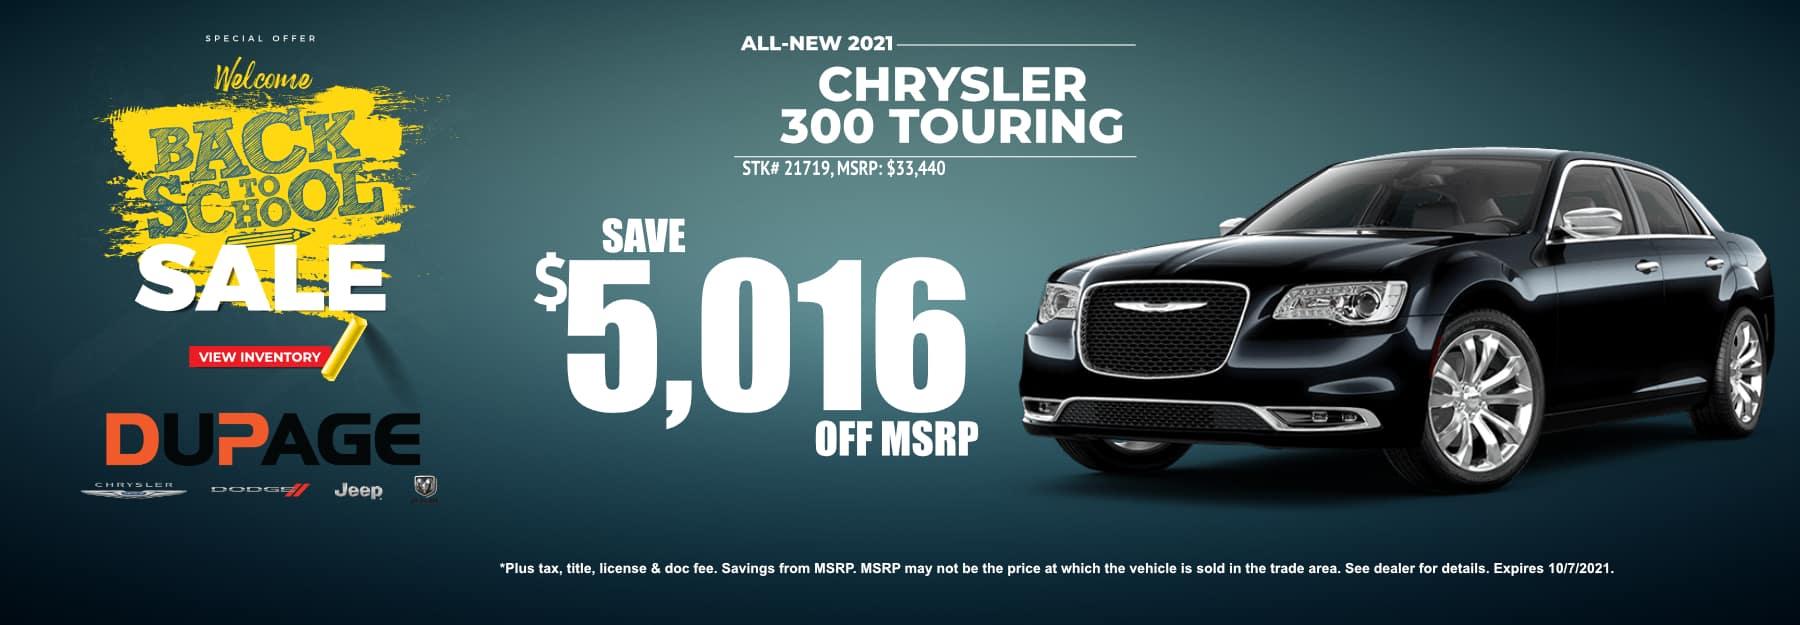 September_2021 Chrysler 300_B2S Dupage